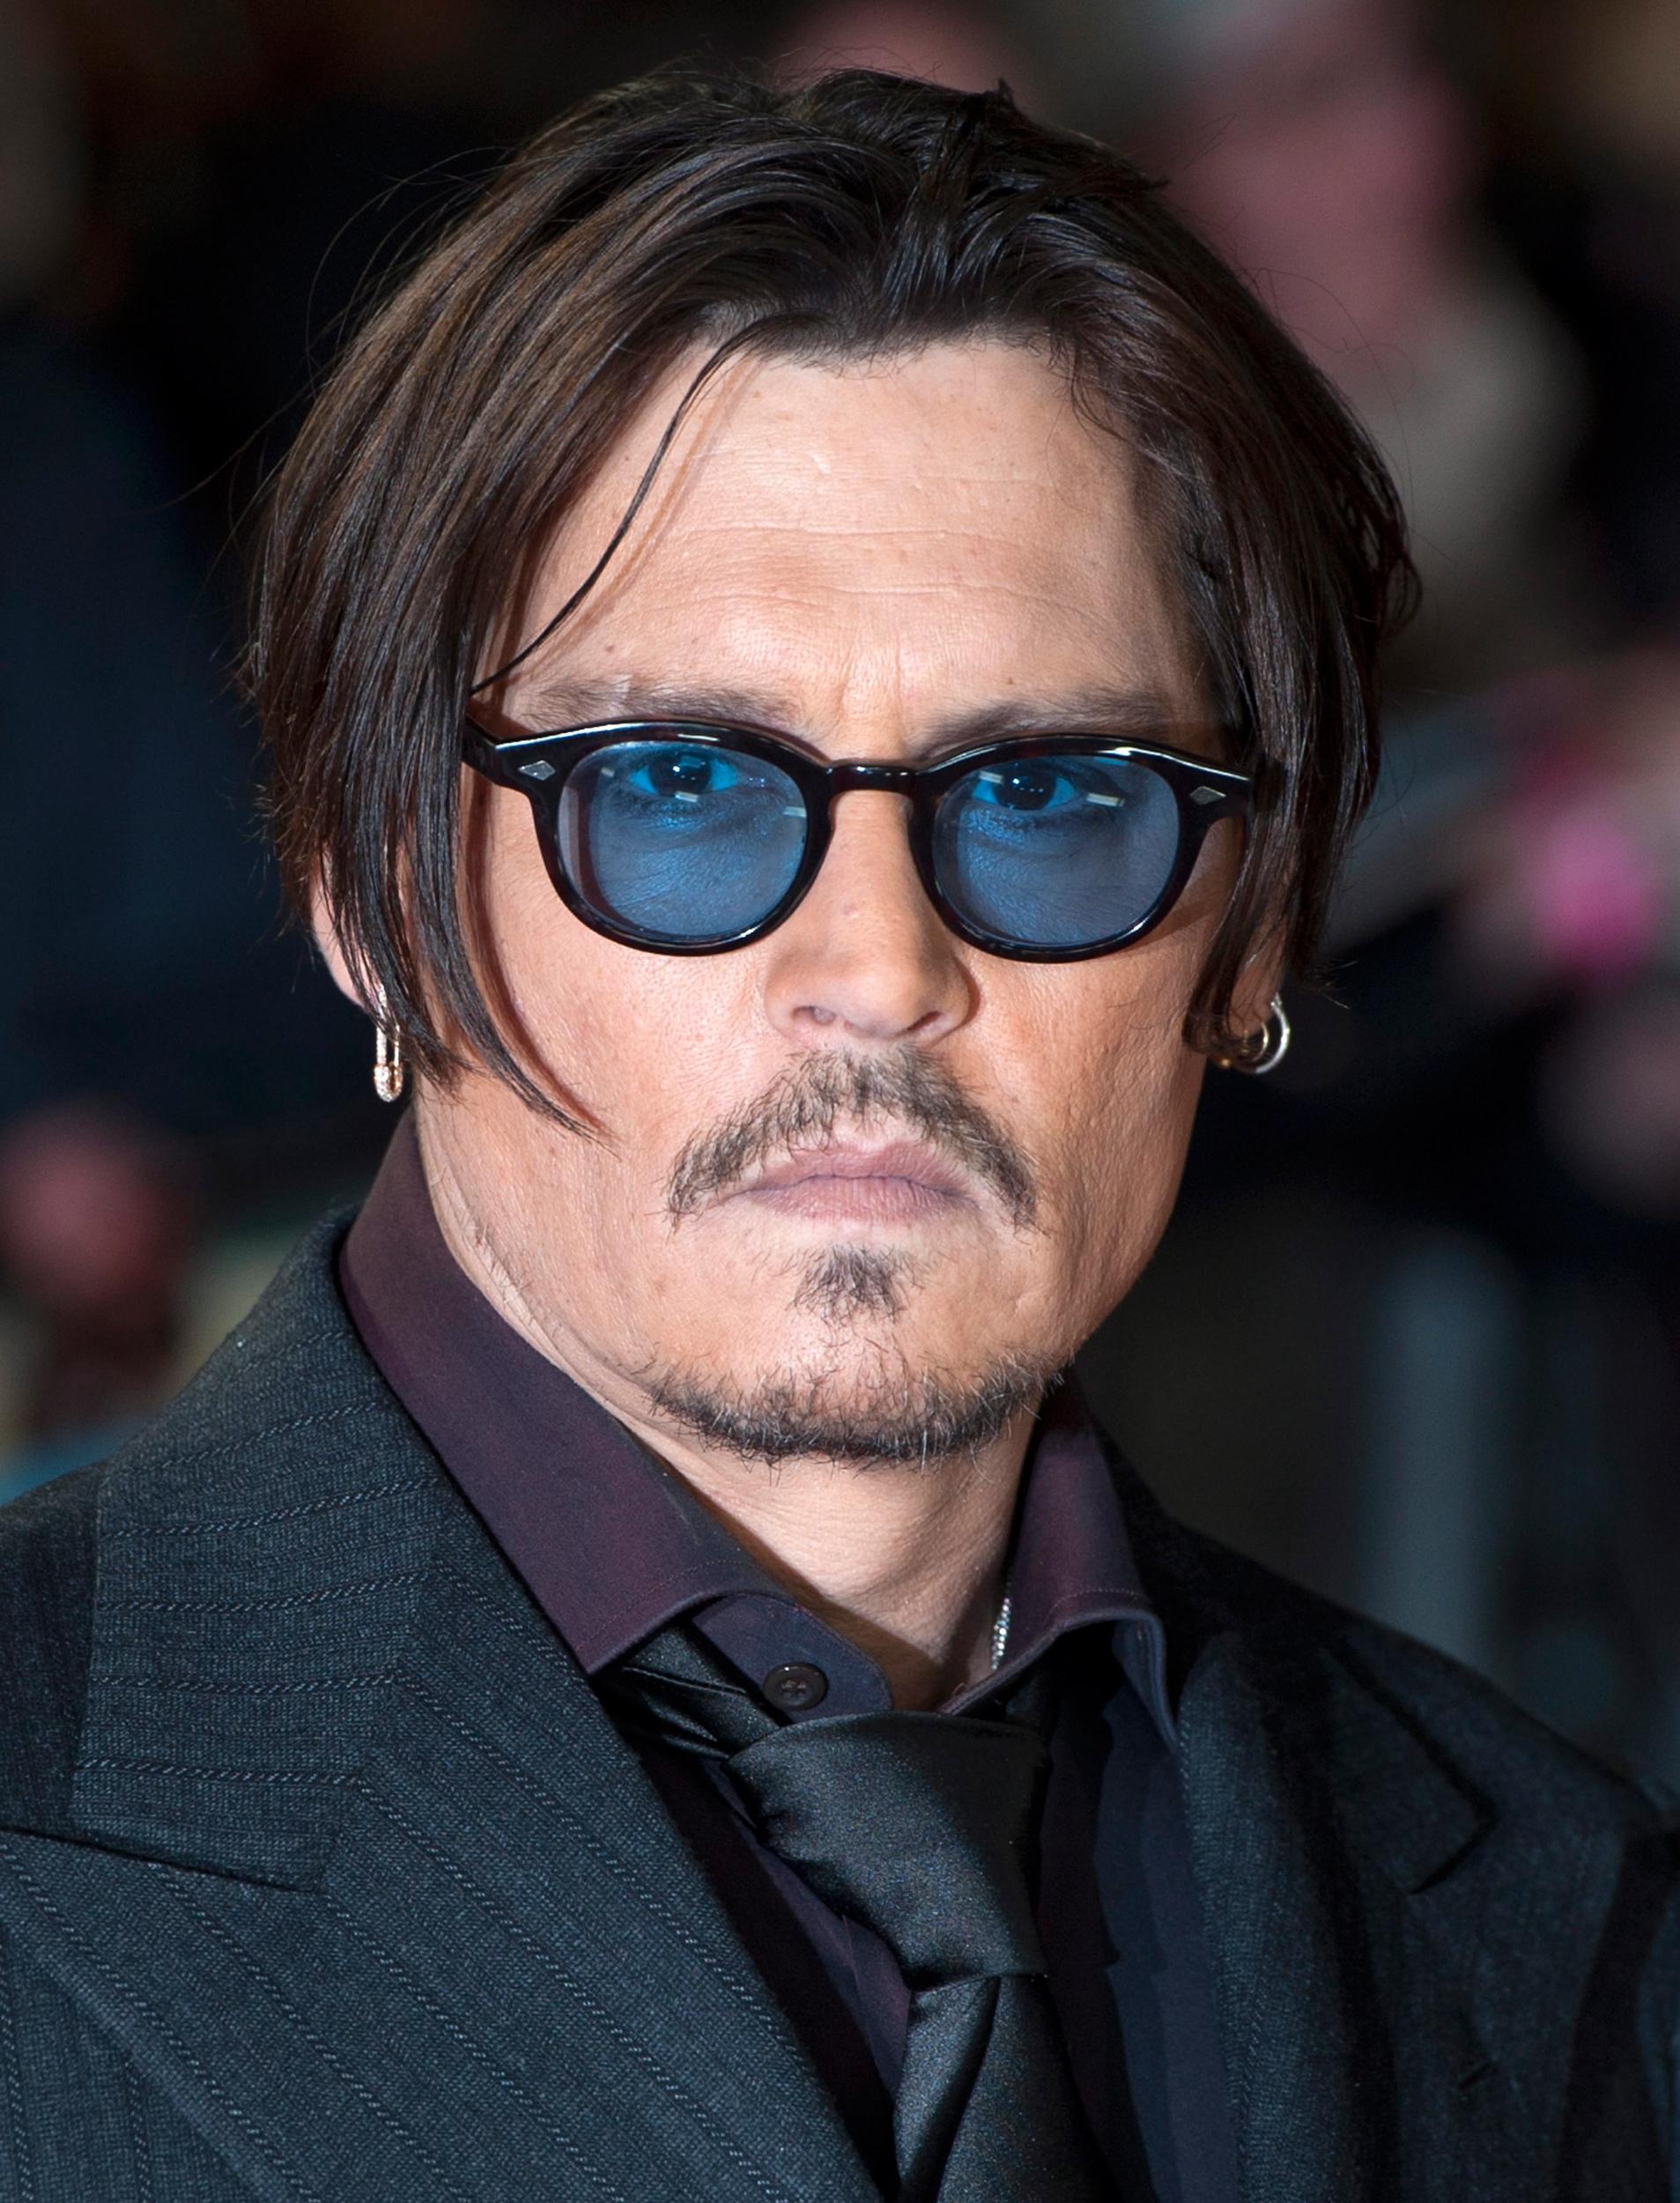 Depp Johnny